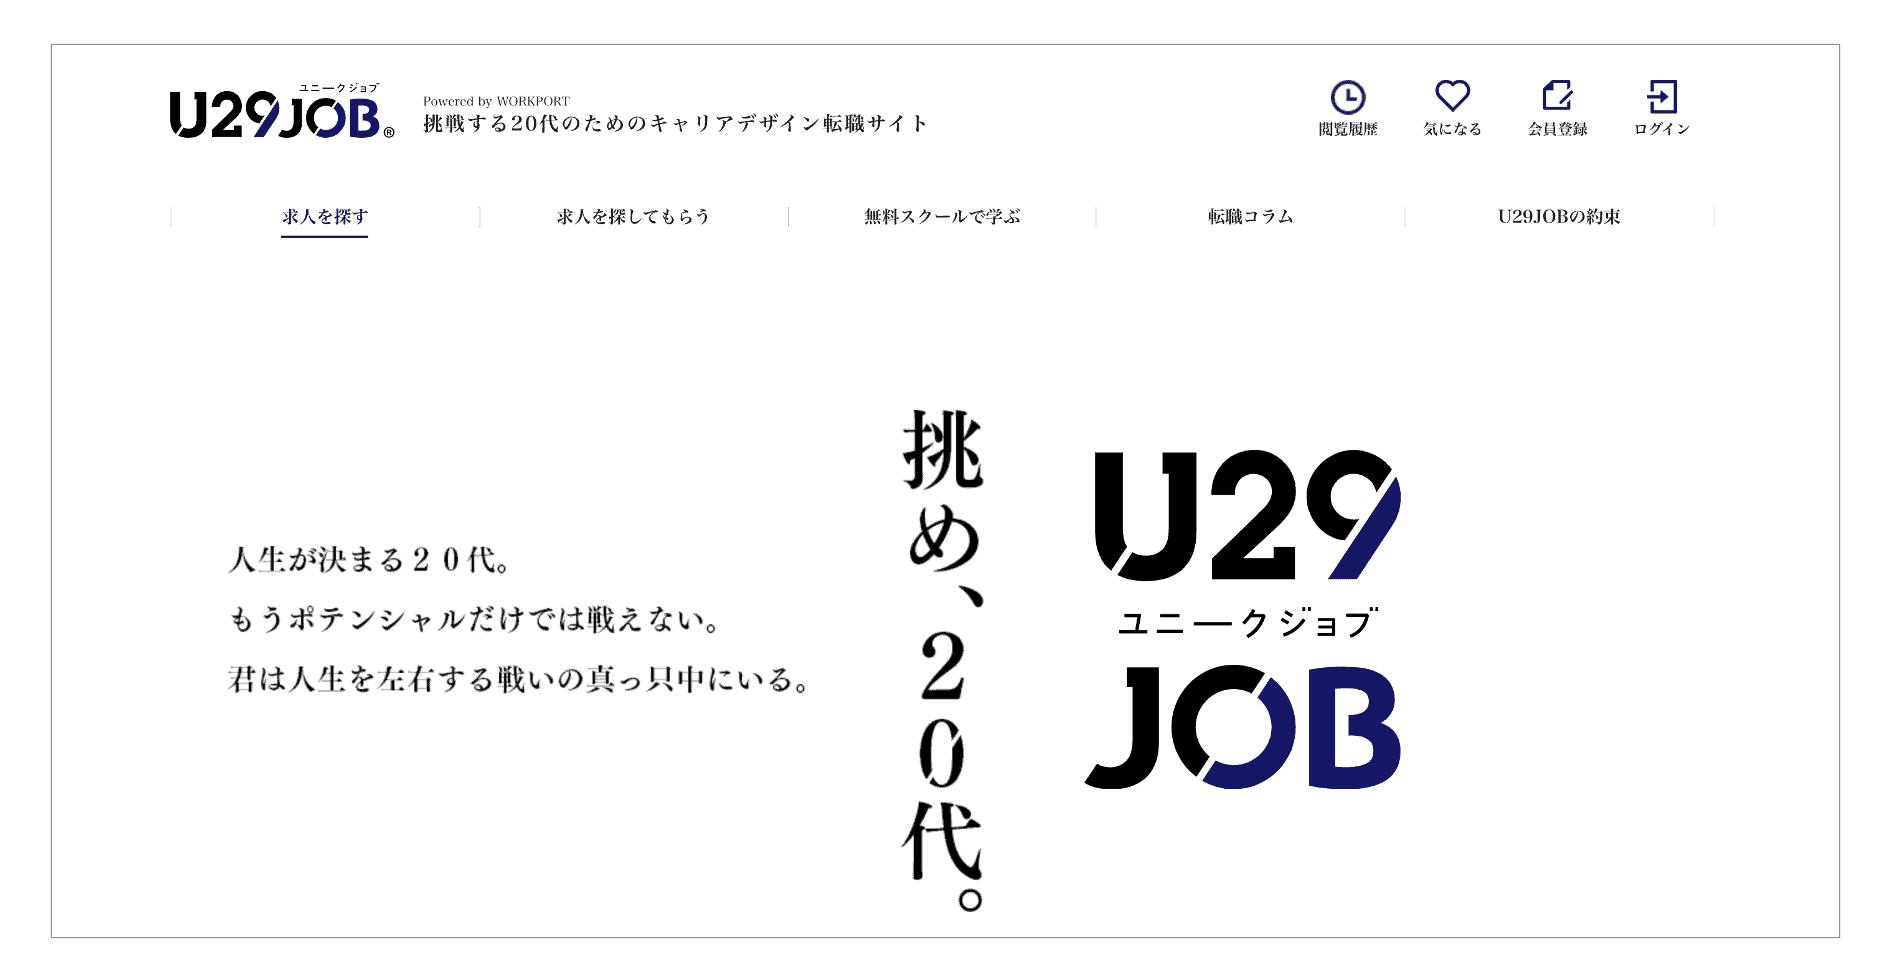 第二新卒におすすめの転職サイト「U29JOB」